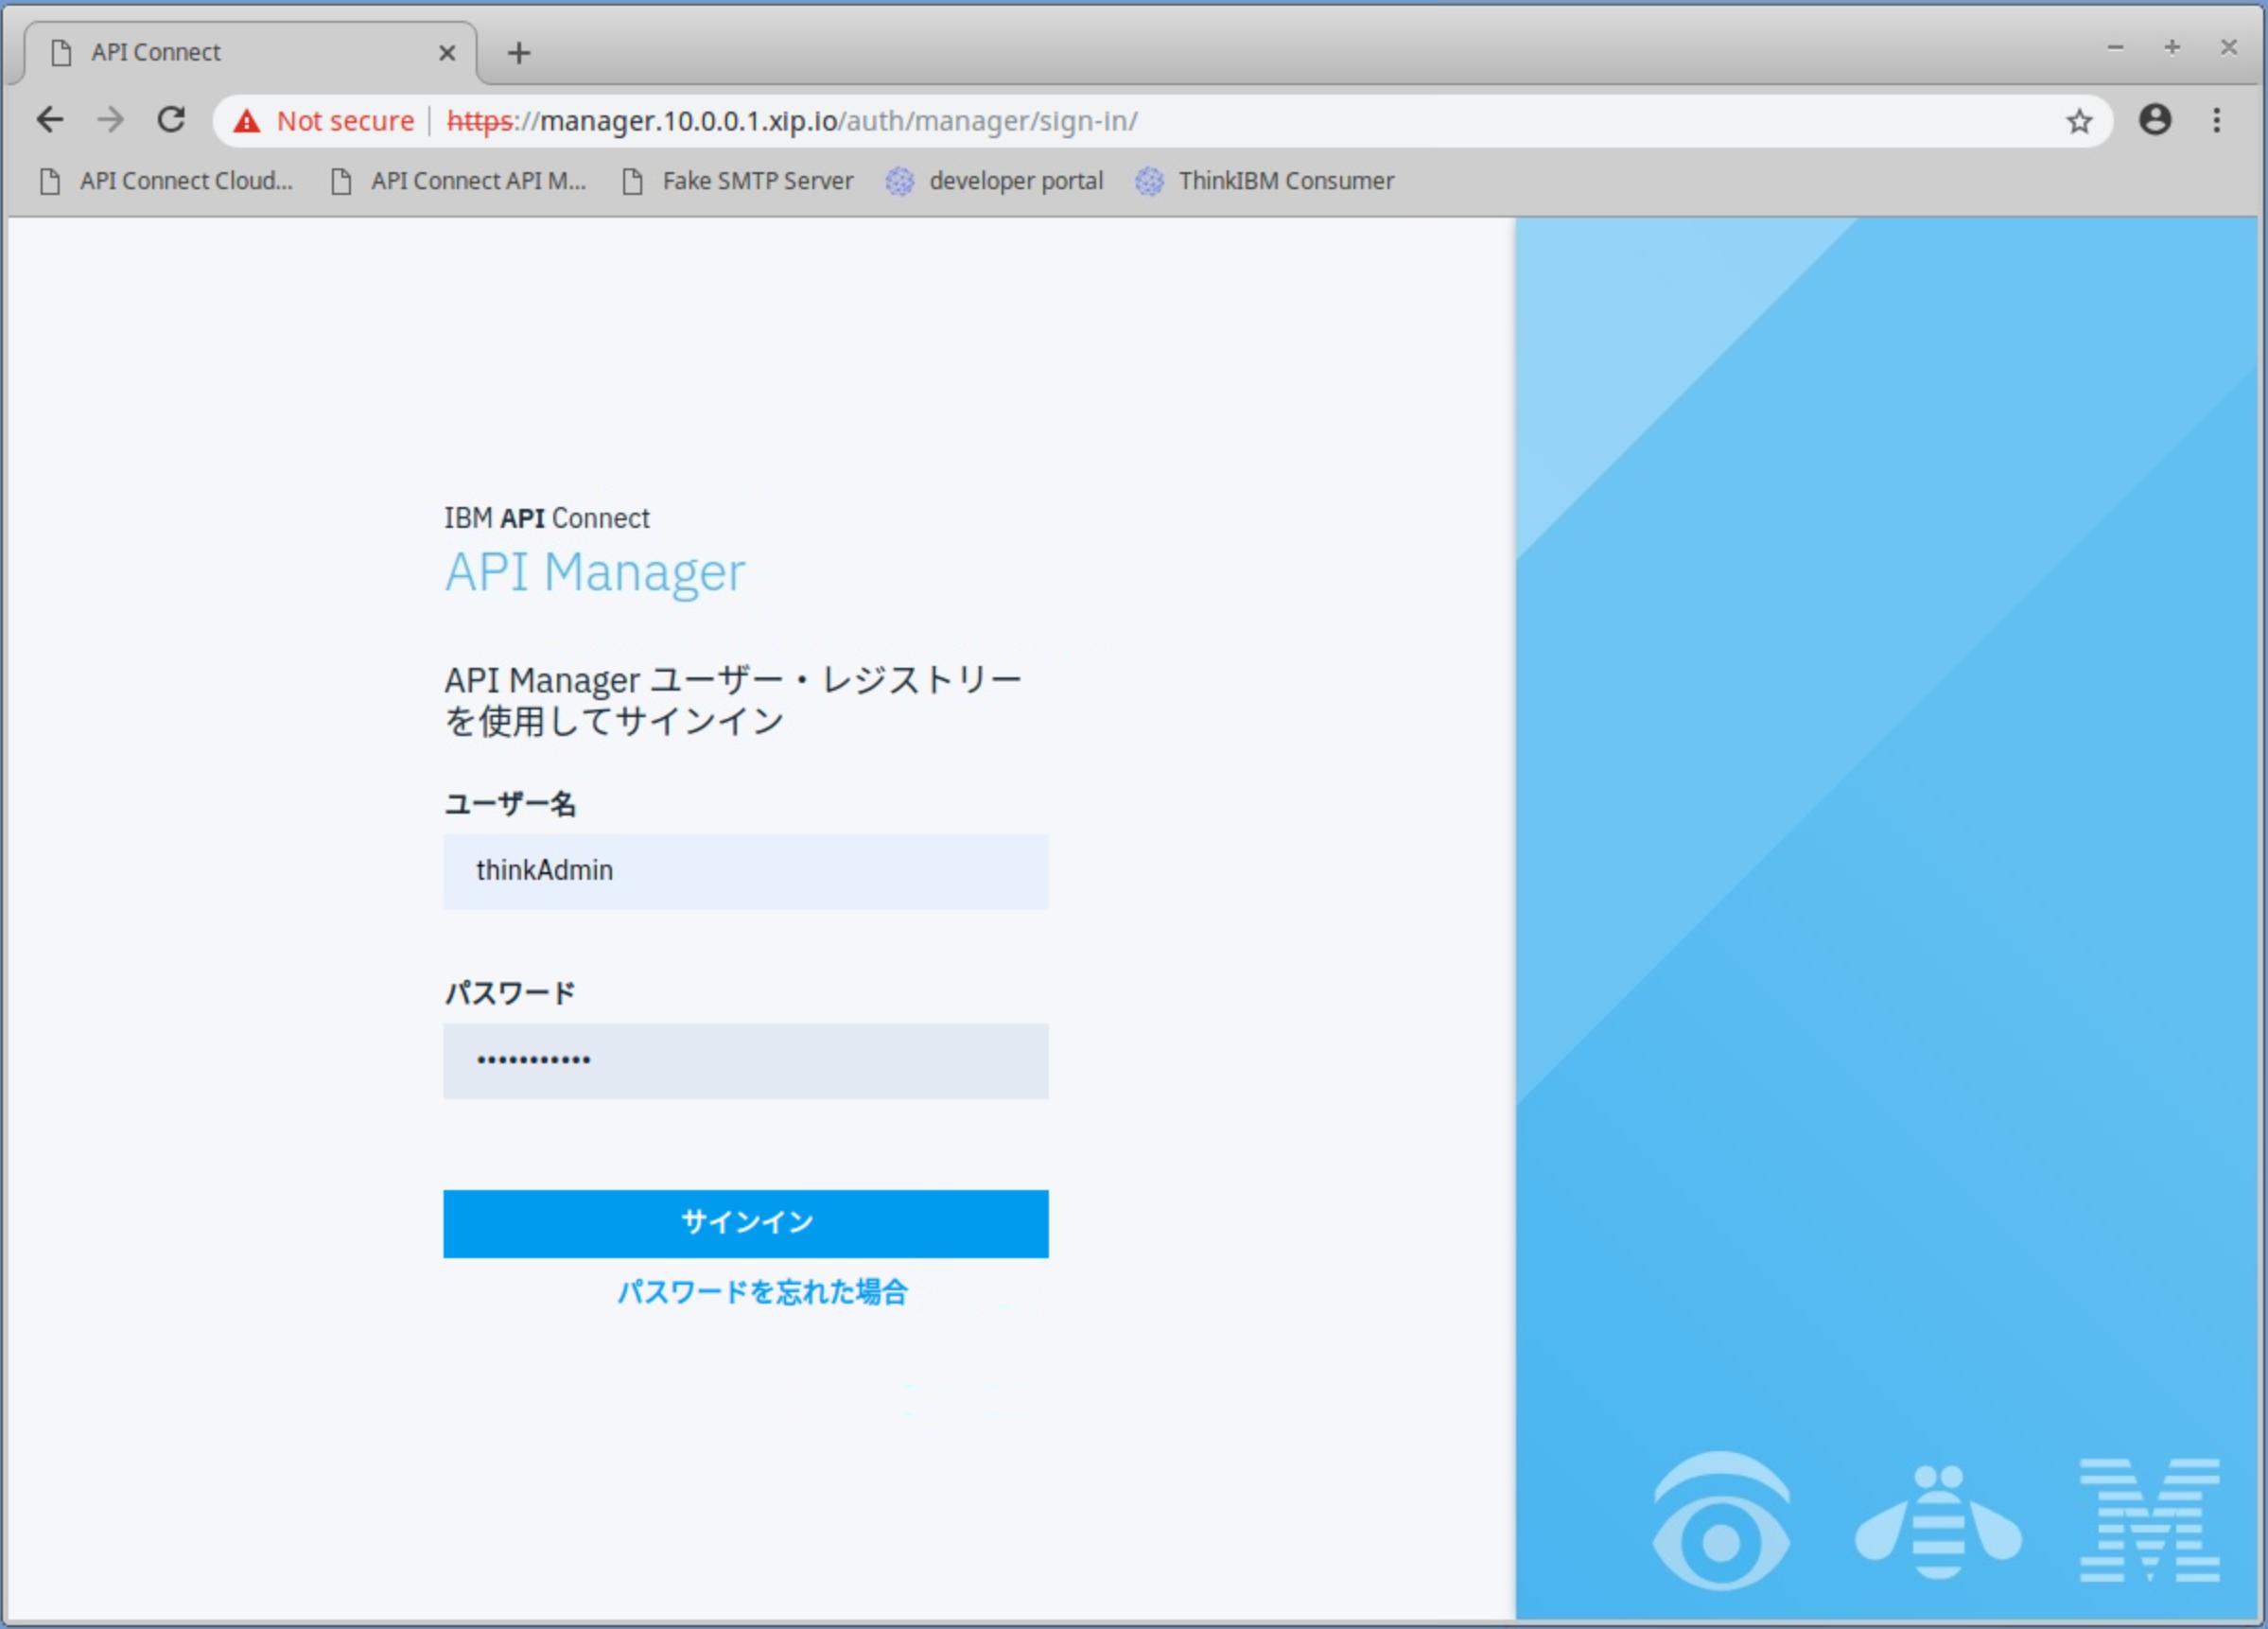 API Connect v2018 のハンズオンをやってみた - Qiita